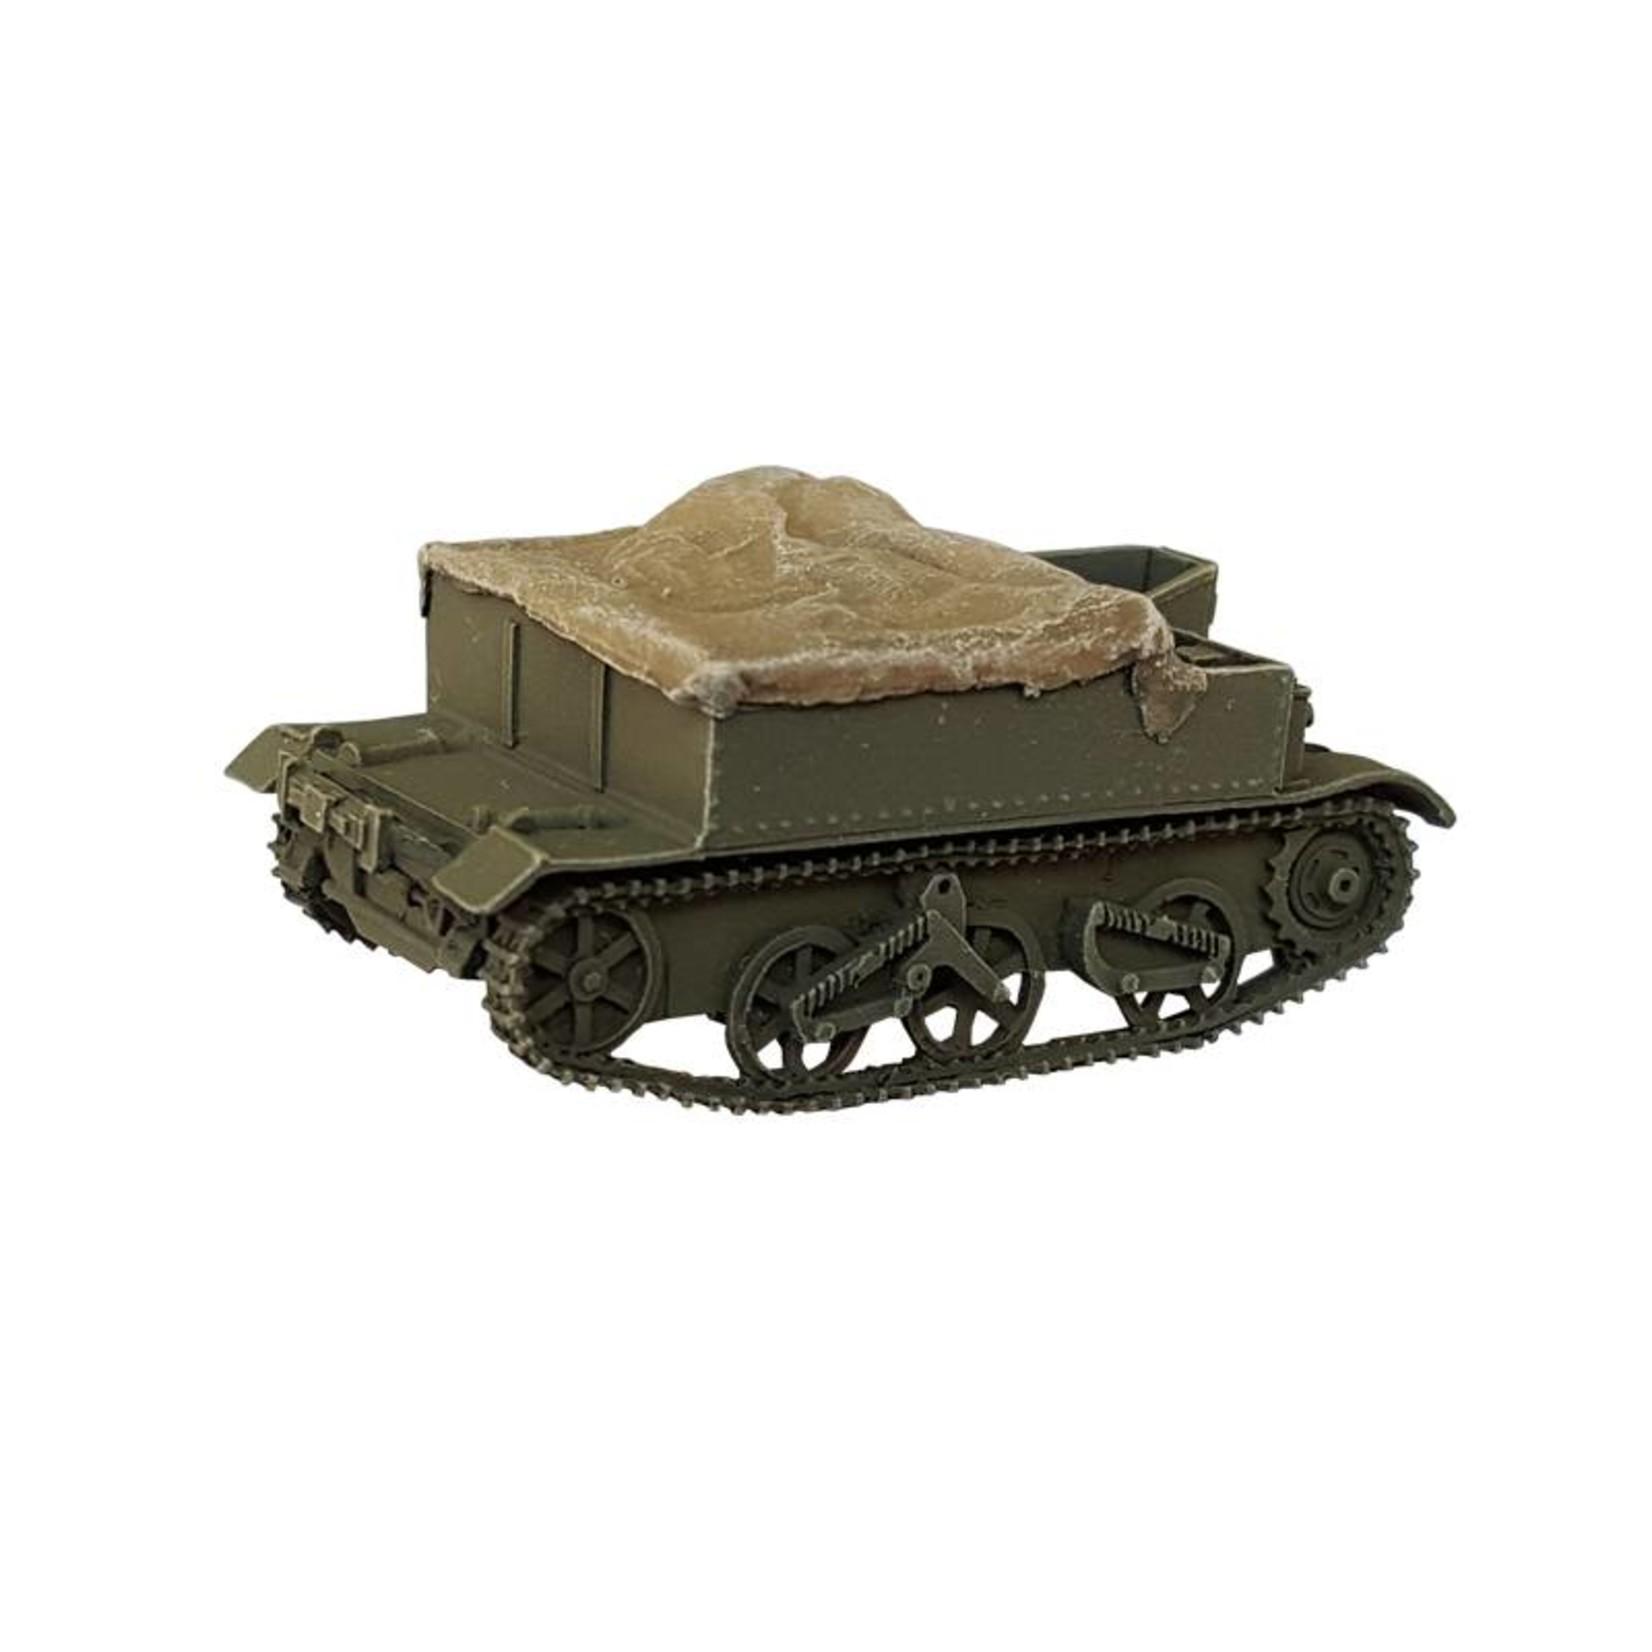 Bren Carrier with Tarpaulin